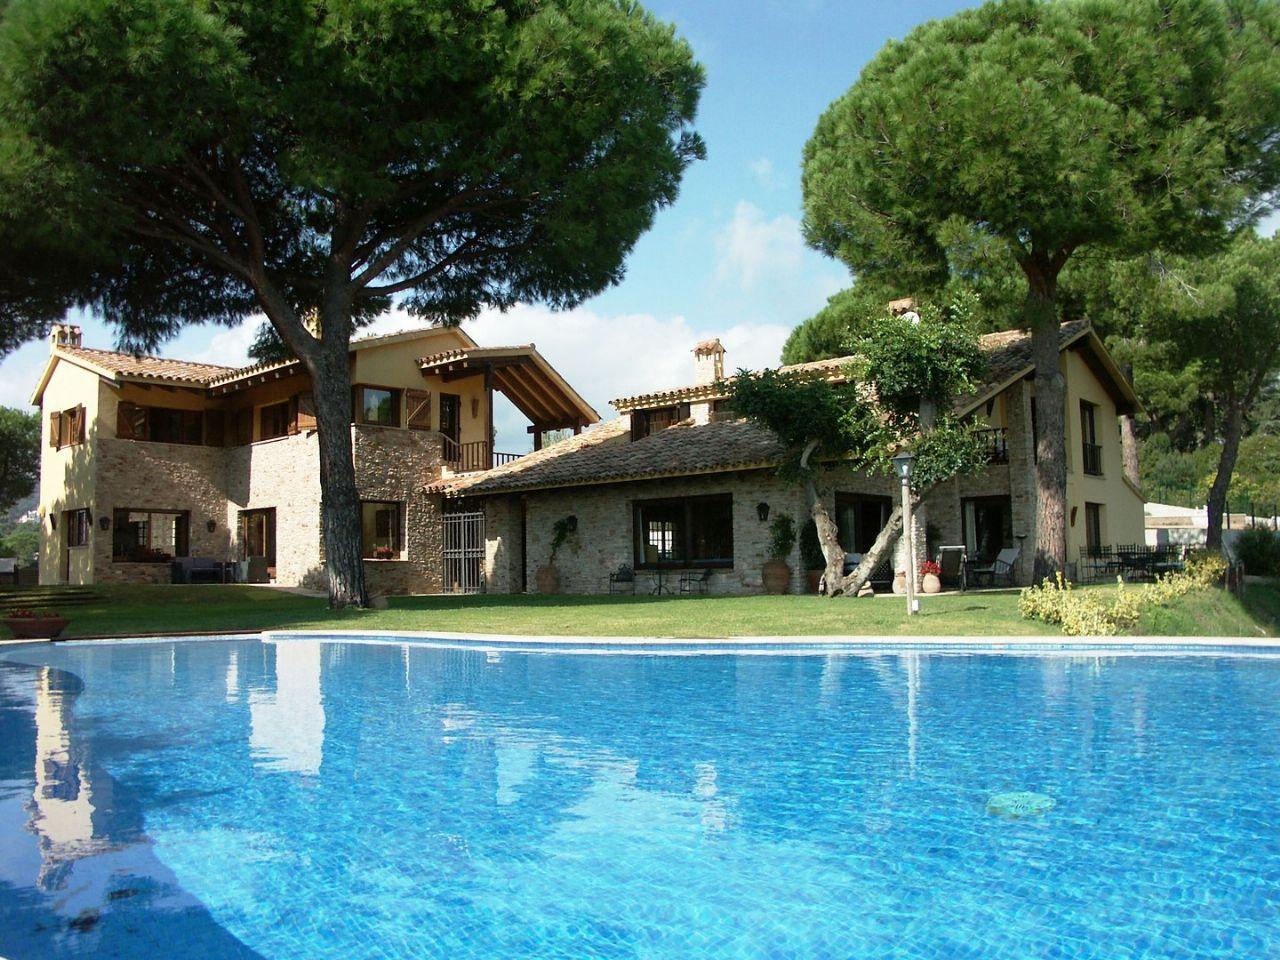 Casa / Chalet en Sant Andreu de Llavaneres, Urbanización Rocaferrera, alquiler